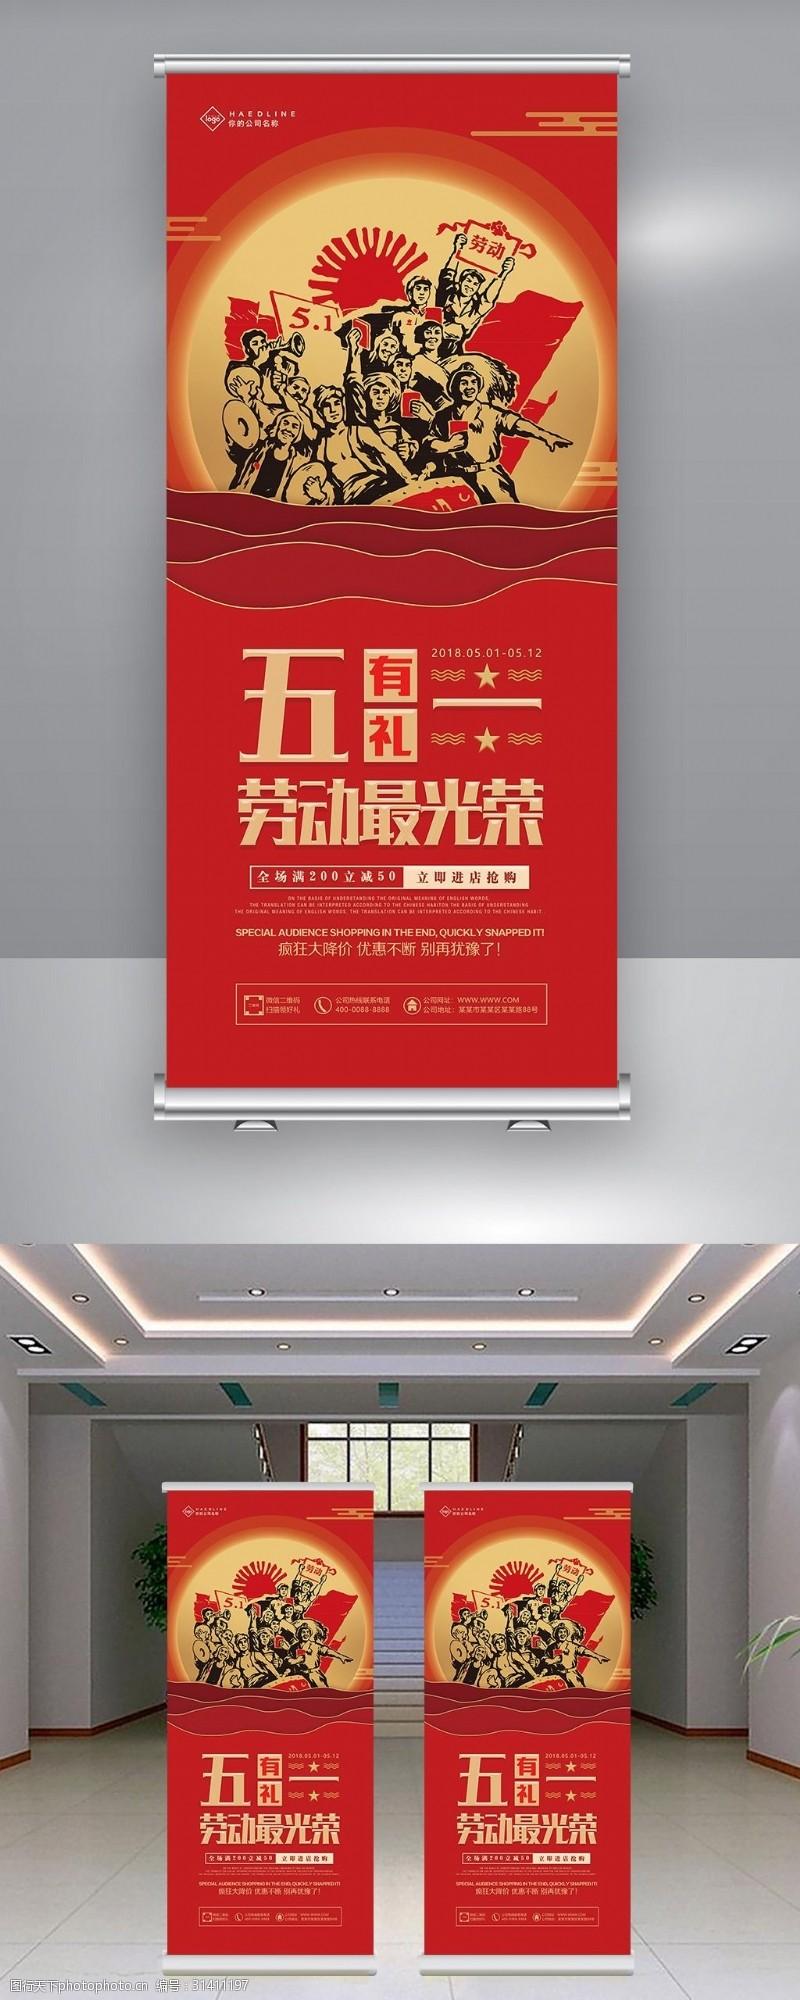 复古风五一劳动节商场促销X展架模板